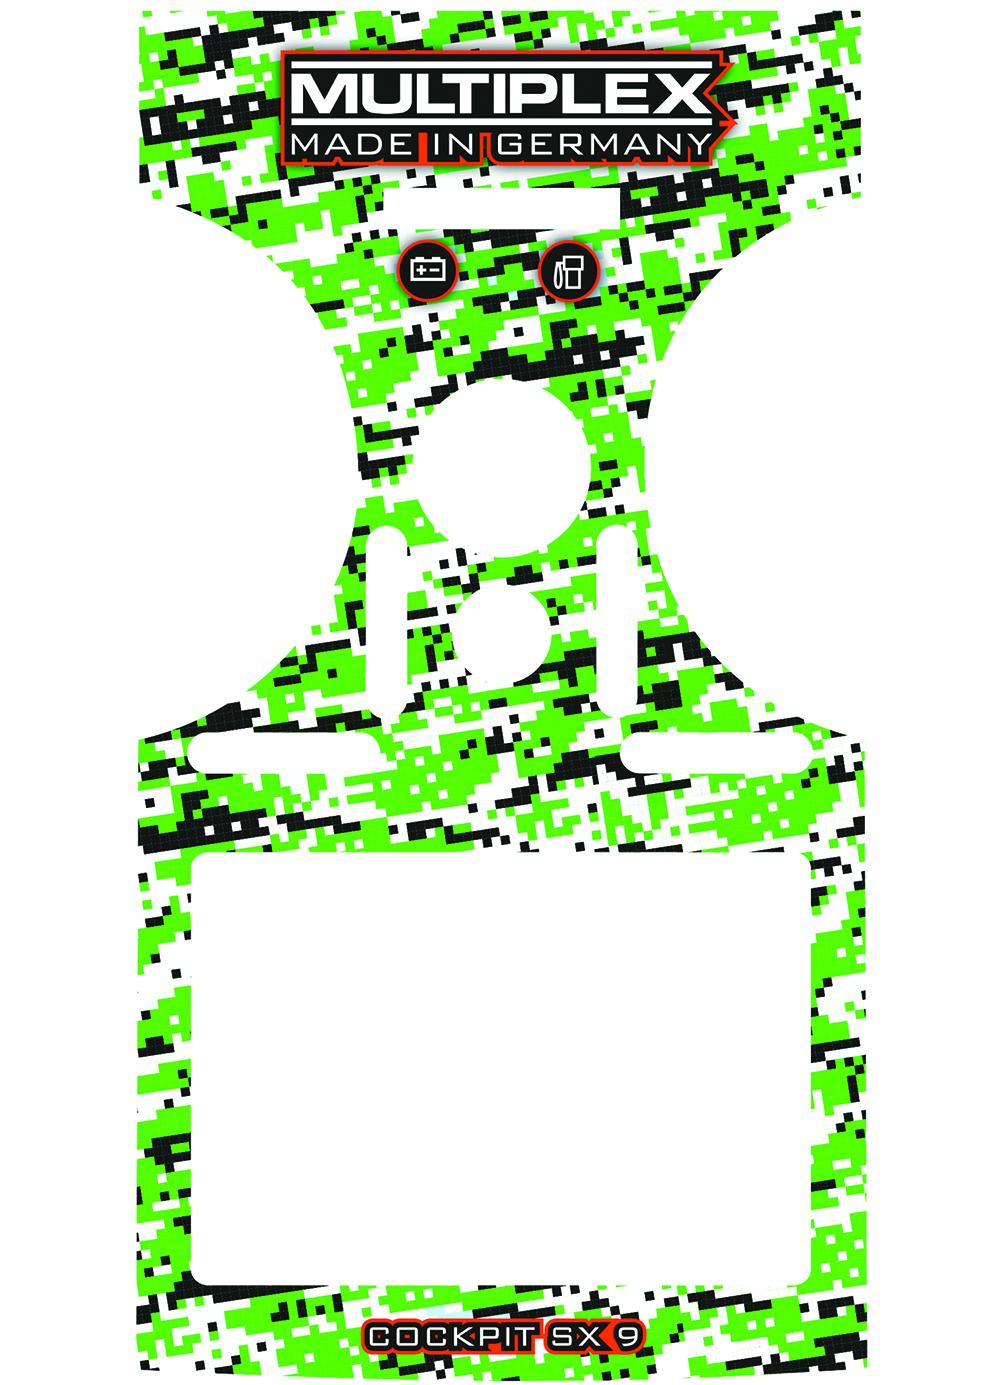 Multiplex Dekorbogen COCKPIT SX 9 grün